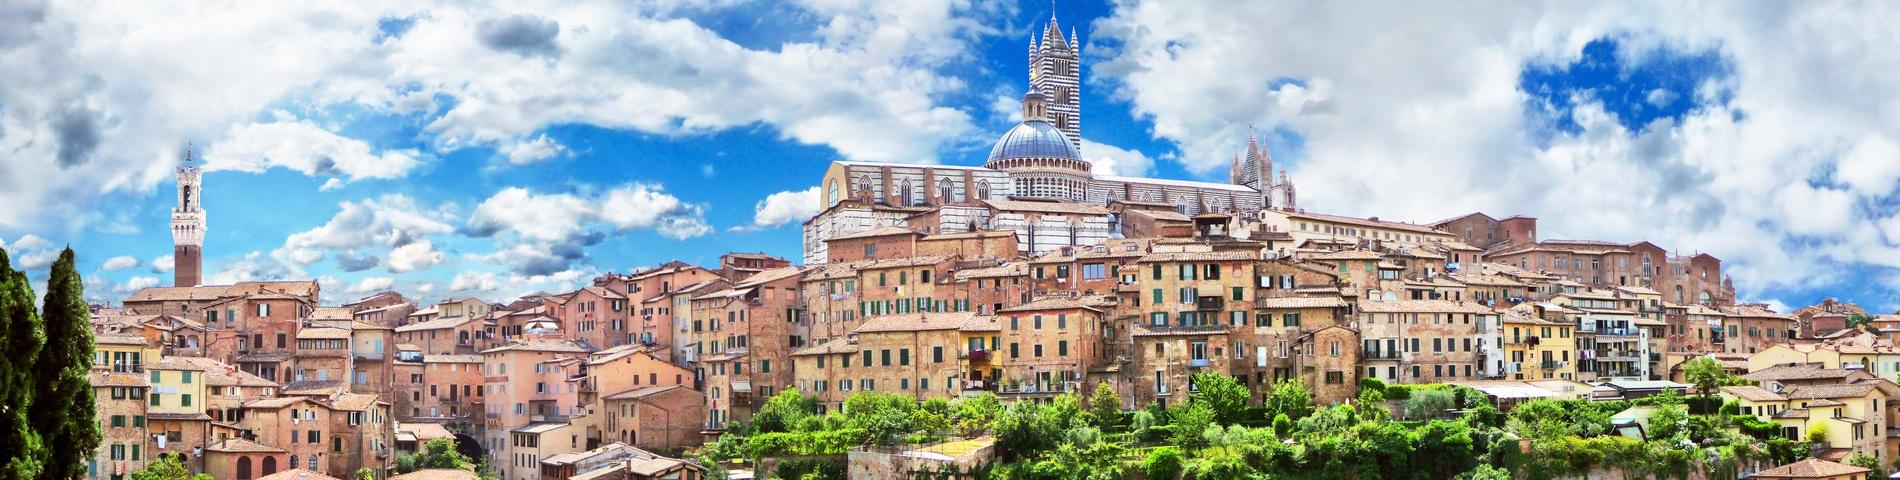 Le migliori scuole di lingua a Siena - Corsi di Italiano   Recensioni